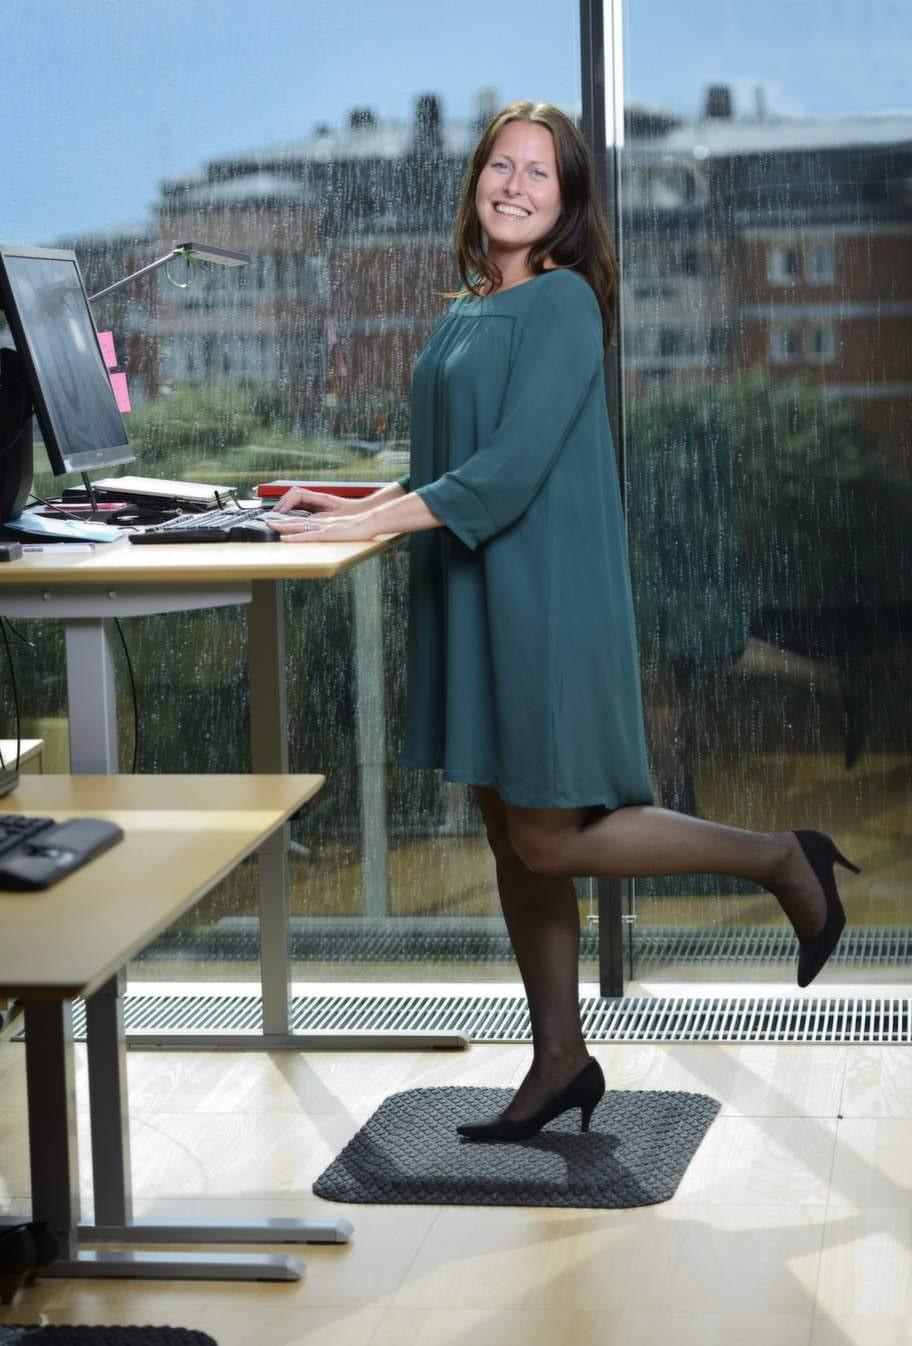 """STÅMATTAChristina Söderlund, 33 år, vd-sekreterare på Postkodlotteriet, har  fått bättre hållning och bålstabilitet efter att börja stå halva sina  arbetsdagar.""""För ett och ett halvt år sedan såg jag en kollega som testade en ny sorts matta och sa till vår kontorschef att jag också ville prova eftersom jag får så dålig hållning när jag sitter mycket. Mattan gör en otrolig skillnad för fötterna och ryggen, jag kan stå mycket längre, till och med i högklackat. Innan stod jag kanske sammanlagt en och en halv timme, nu står jag halva dagarna och i början fick jag faktiskt träningsvärk i mage och rygg. Enda gångerna jag sätter mig ner är när jag behöver koncentrera mig extra mycket, som när jag ska fylla i ett Excelark eller redigera bilder, men ska jag bara läsa eller skriva mejl så står jag upp. Min hållning har blivit bättre, liksom bålstabiliteten. Nu har vi som arbetar nära varandra börjat pusha varandra, så när någon ställer sig upp följer alla andra efter."""""""